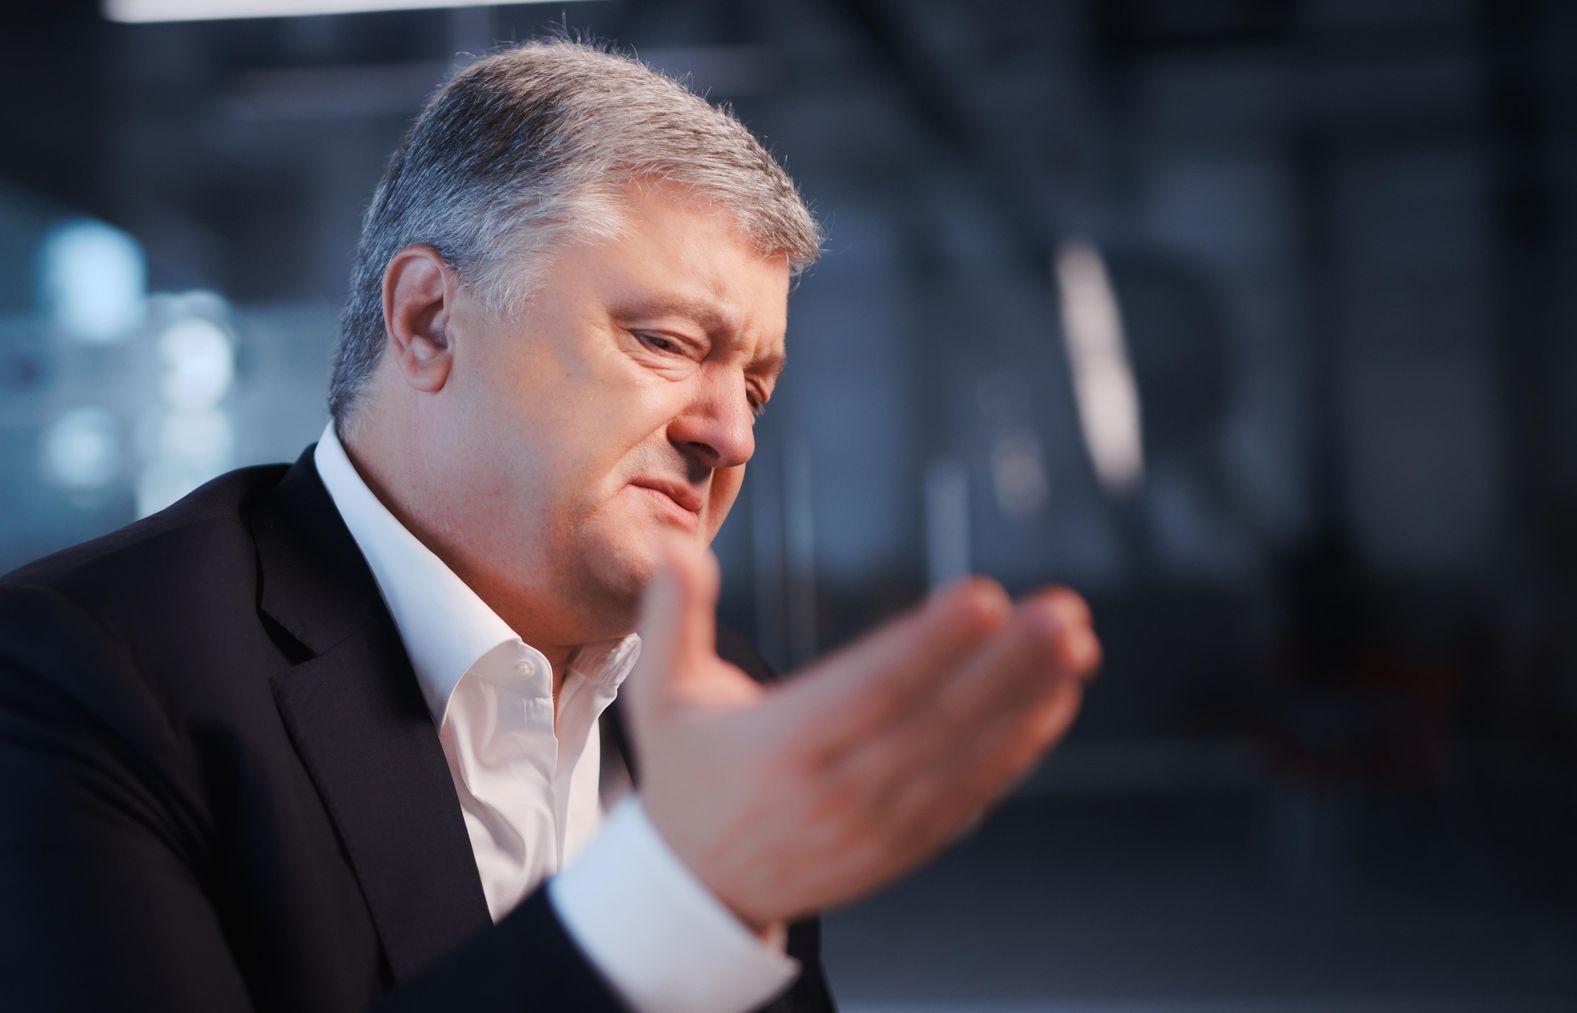 ГБР открыло еще одно дело против Порошенко